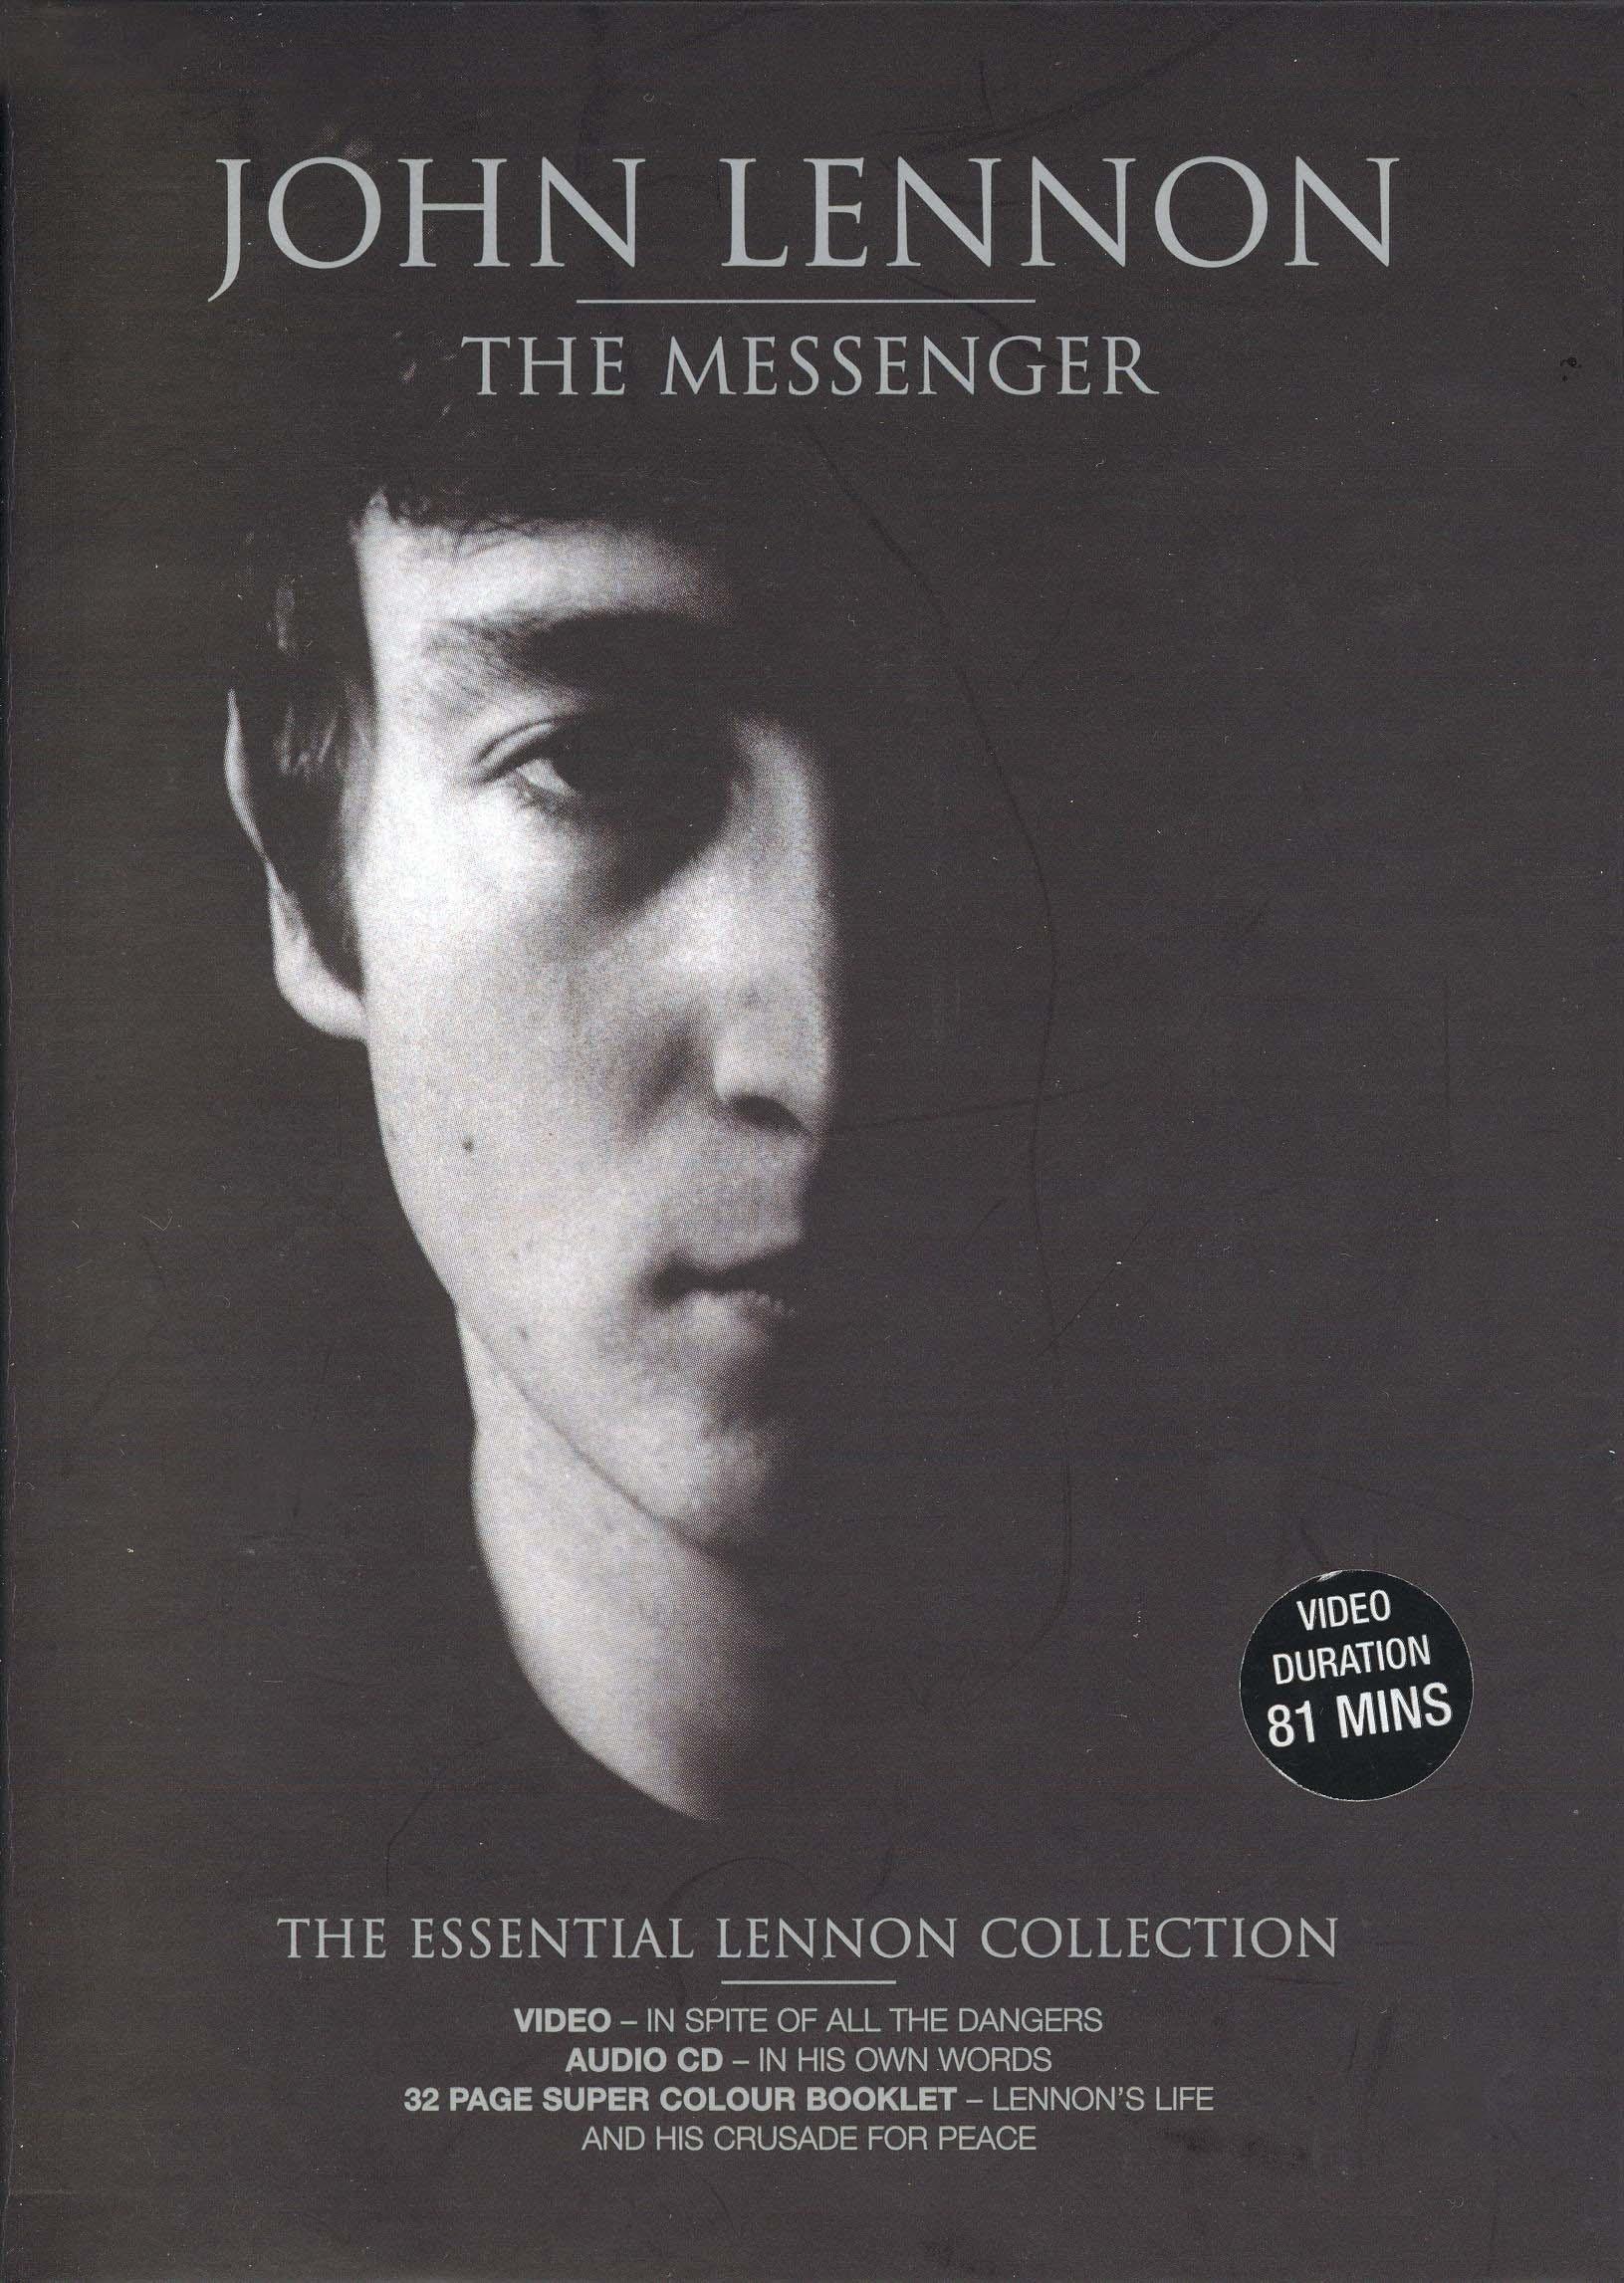 John Lennon: The Messenger - In Spite of All the Dangers